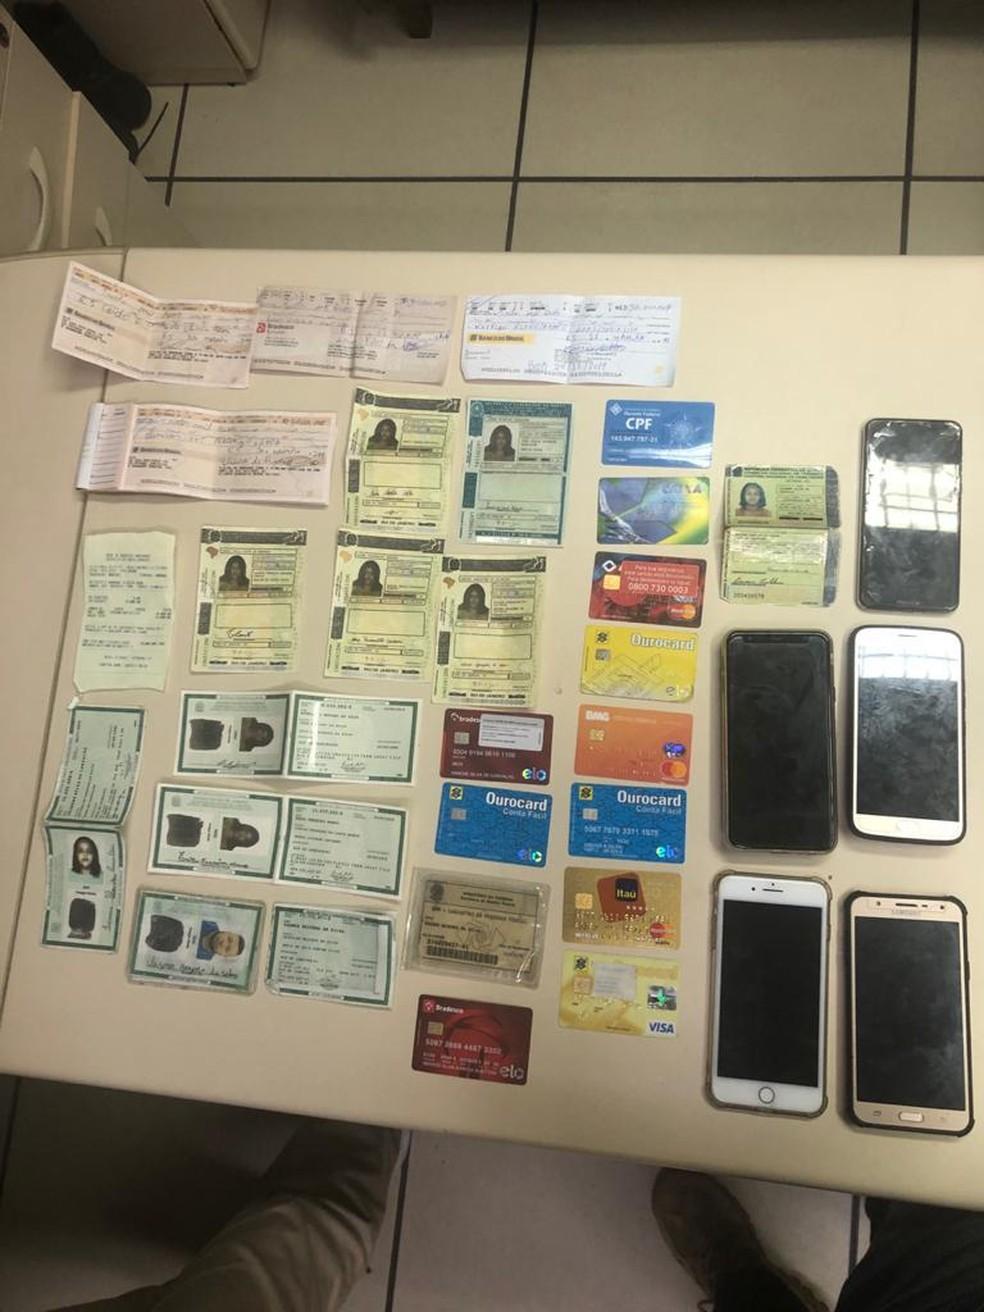 Cartões, documentos e celulares foram apreendidos — Foto: Divulgação/Polícia Civil